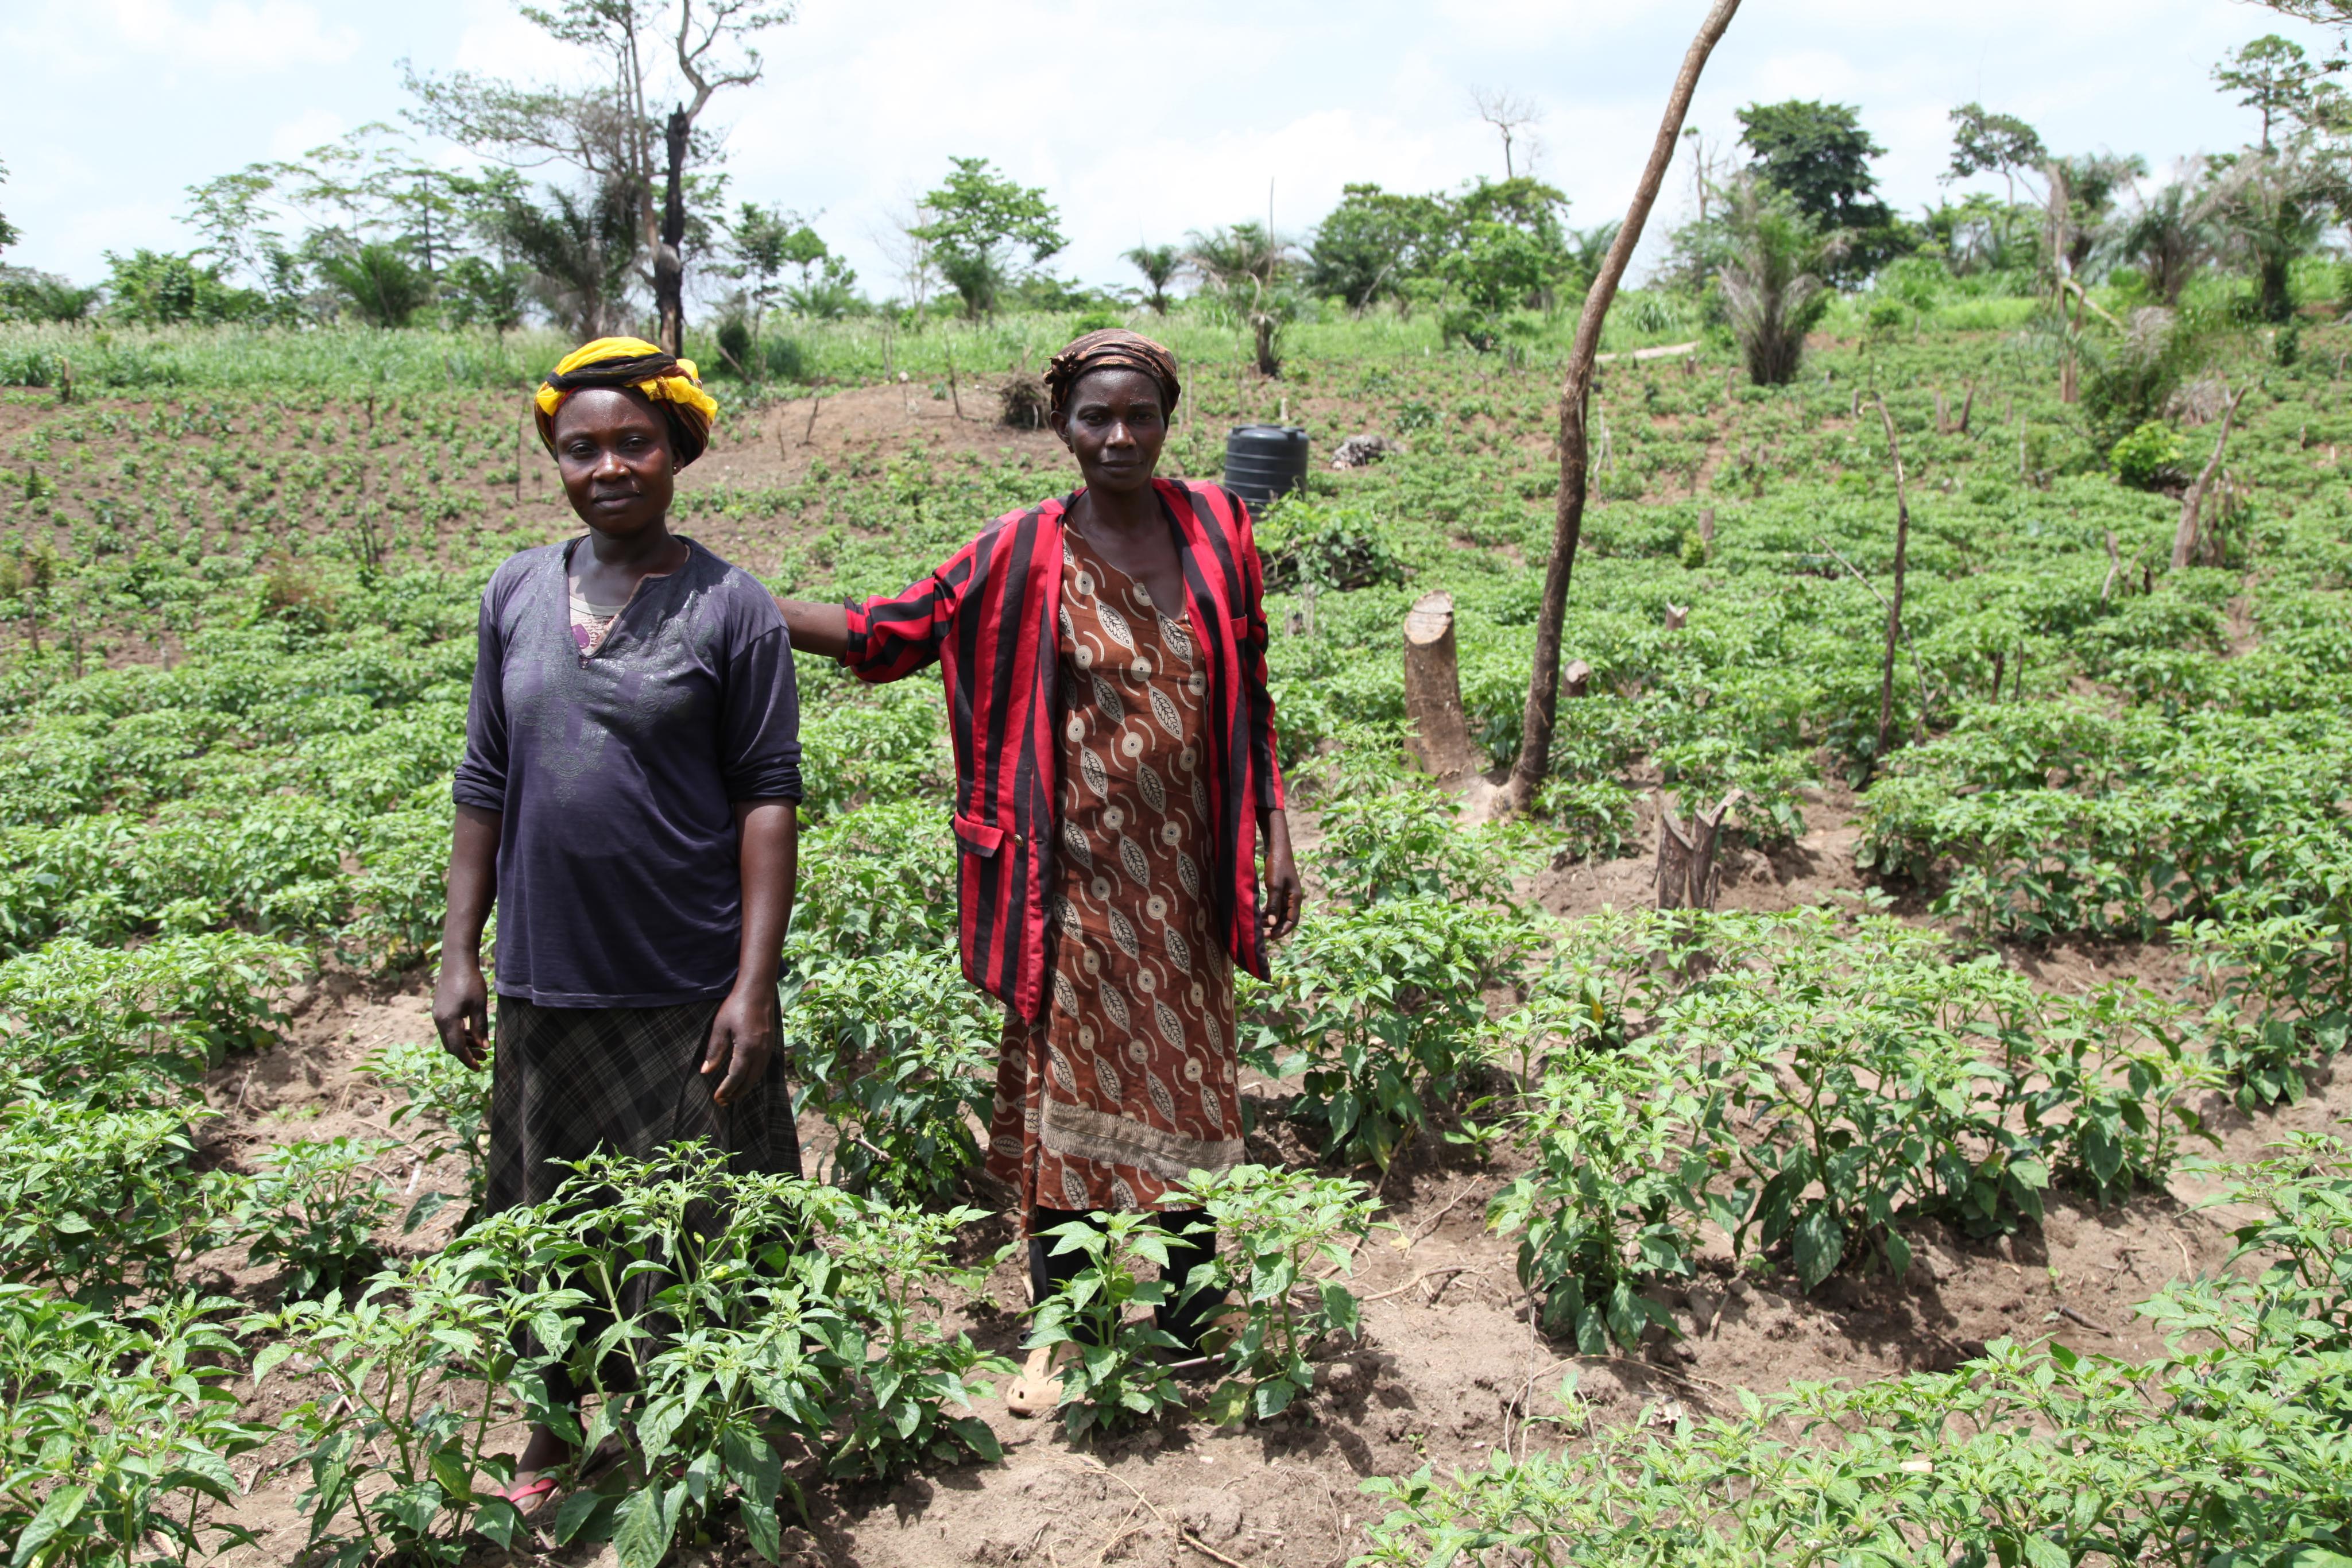 Les membres du projet d'agriculture biologique Abrono (ABOFAP) dans leur ferme de production de piments biologiques. Près de Techiman, Ghana (crédits: Global Justice Now / Flickr Creative Commons Attribution 2.0 Generic (CC BY 2.0))